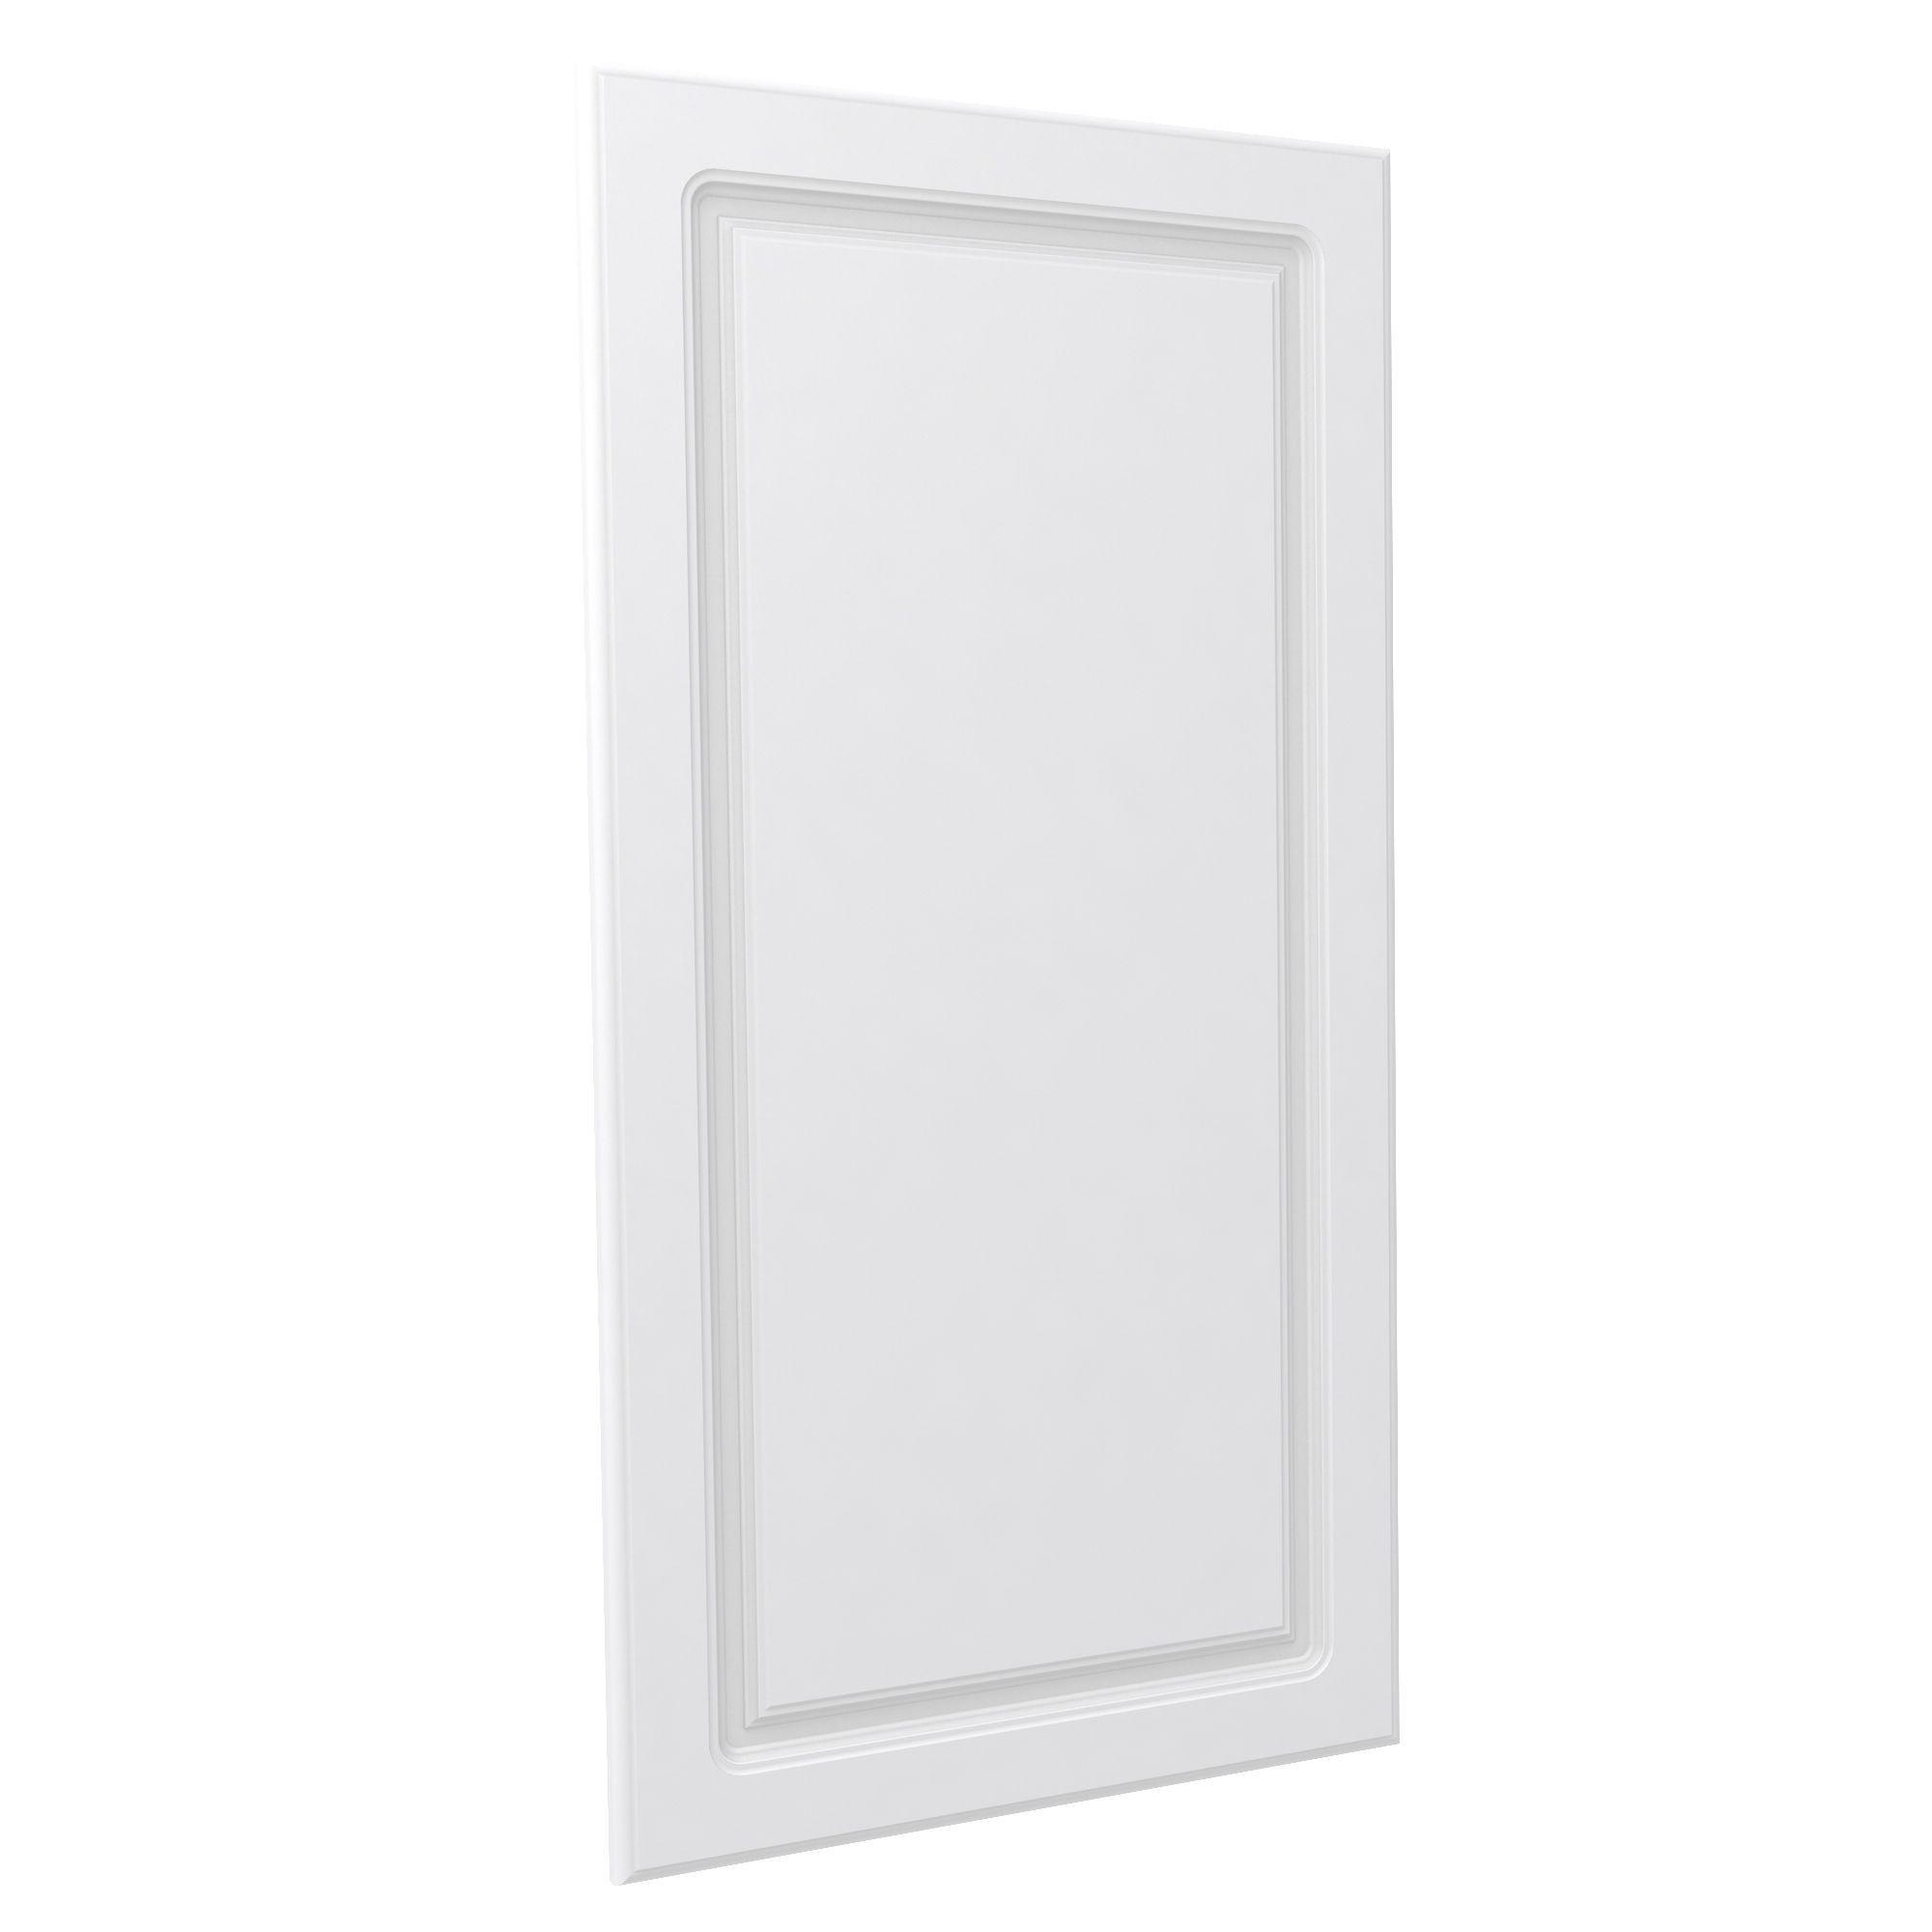 darwin modular white chest cabinet door h 958mm w 497mm